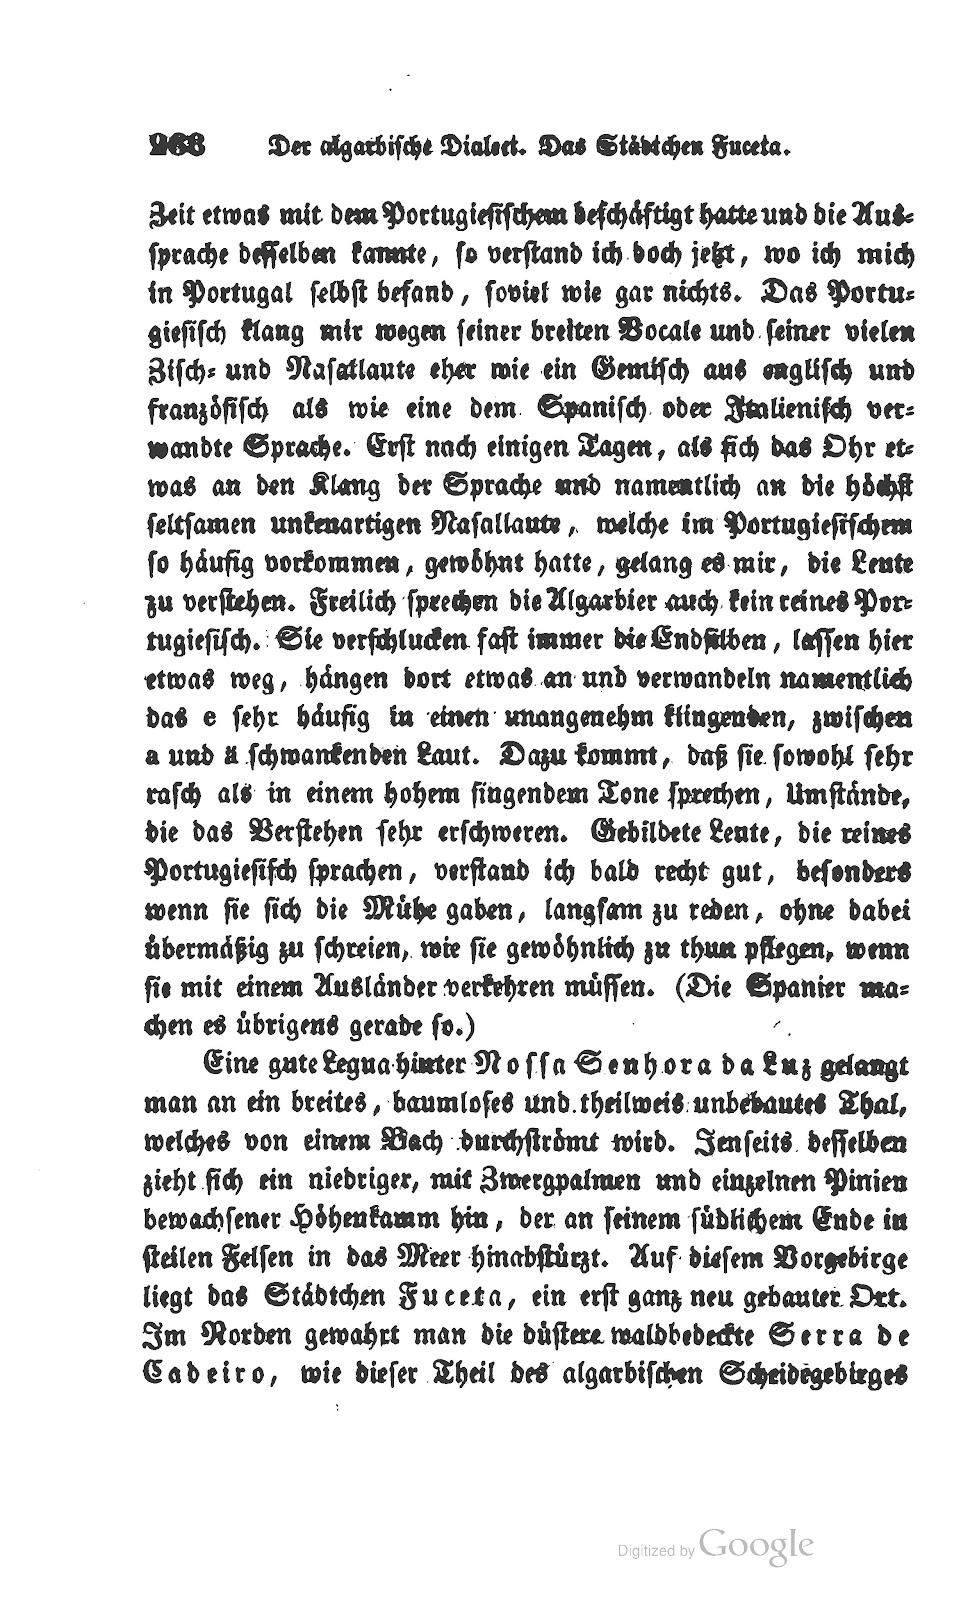 WIllkomm - 10. Kapitel Pages from Zwei_Jahre_in_Spanien_und_Portugal(3)_Page_10.jpg